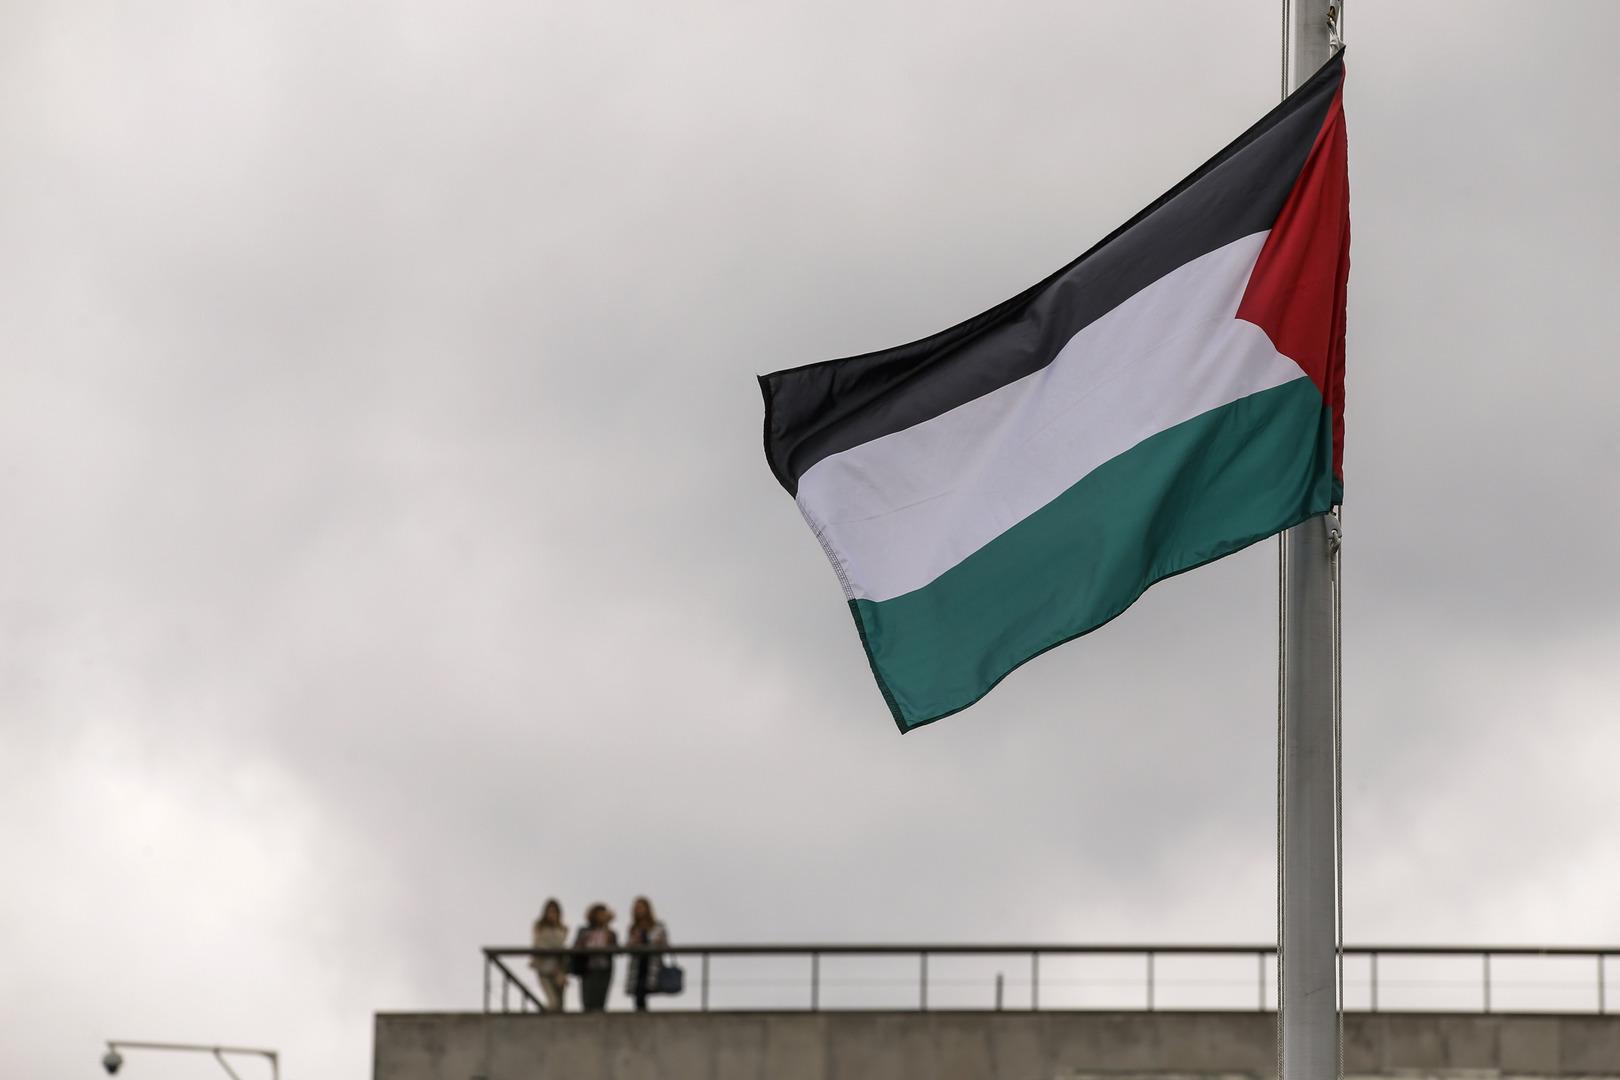 الخارجية الفلسطينية: قانون منع لم شمل العائلات الفلسطينية الإسرائيلي عنصري